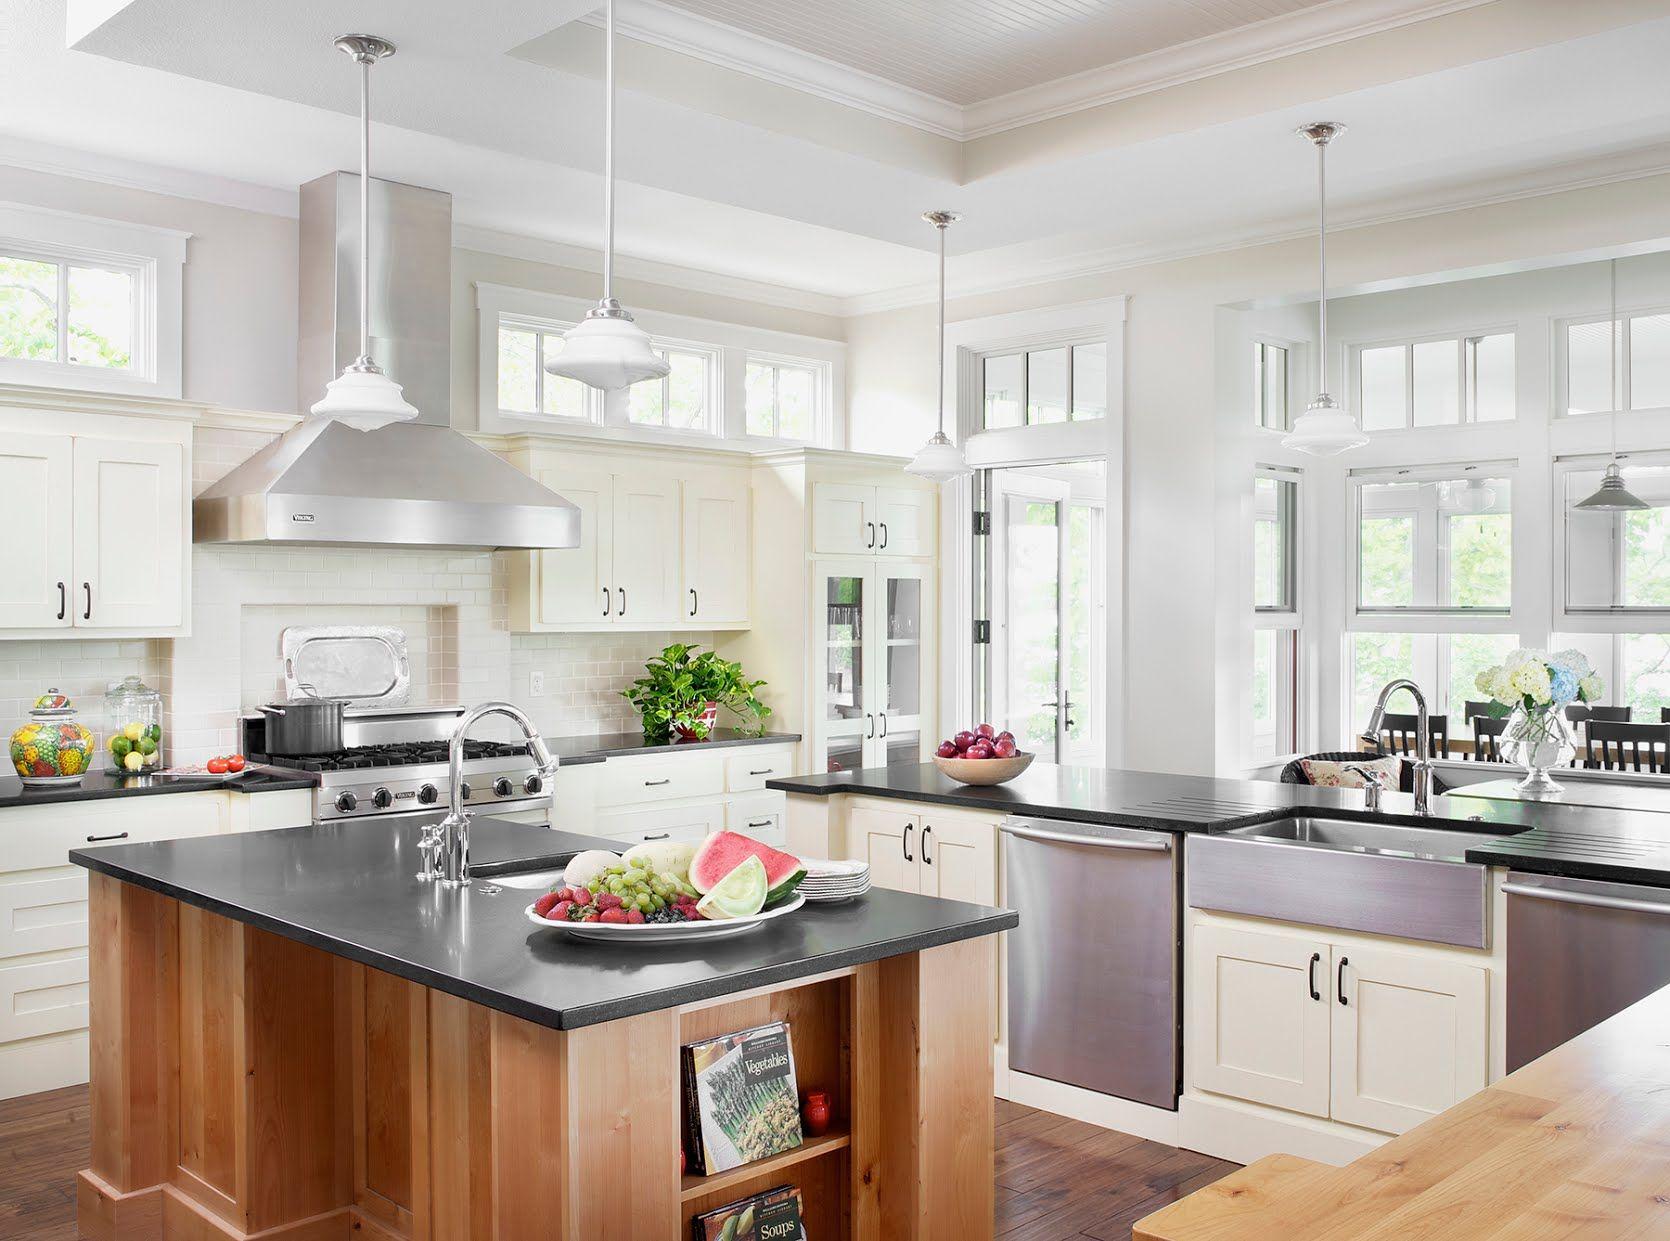 white kitchen with apron front sink farmhouse kitchen design small farmhouse kitchen kitchen on farmhouse kitchen small id=43736